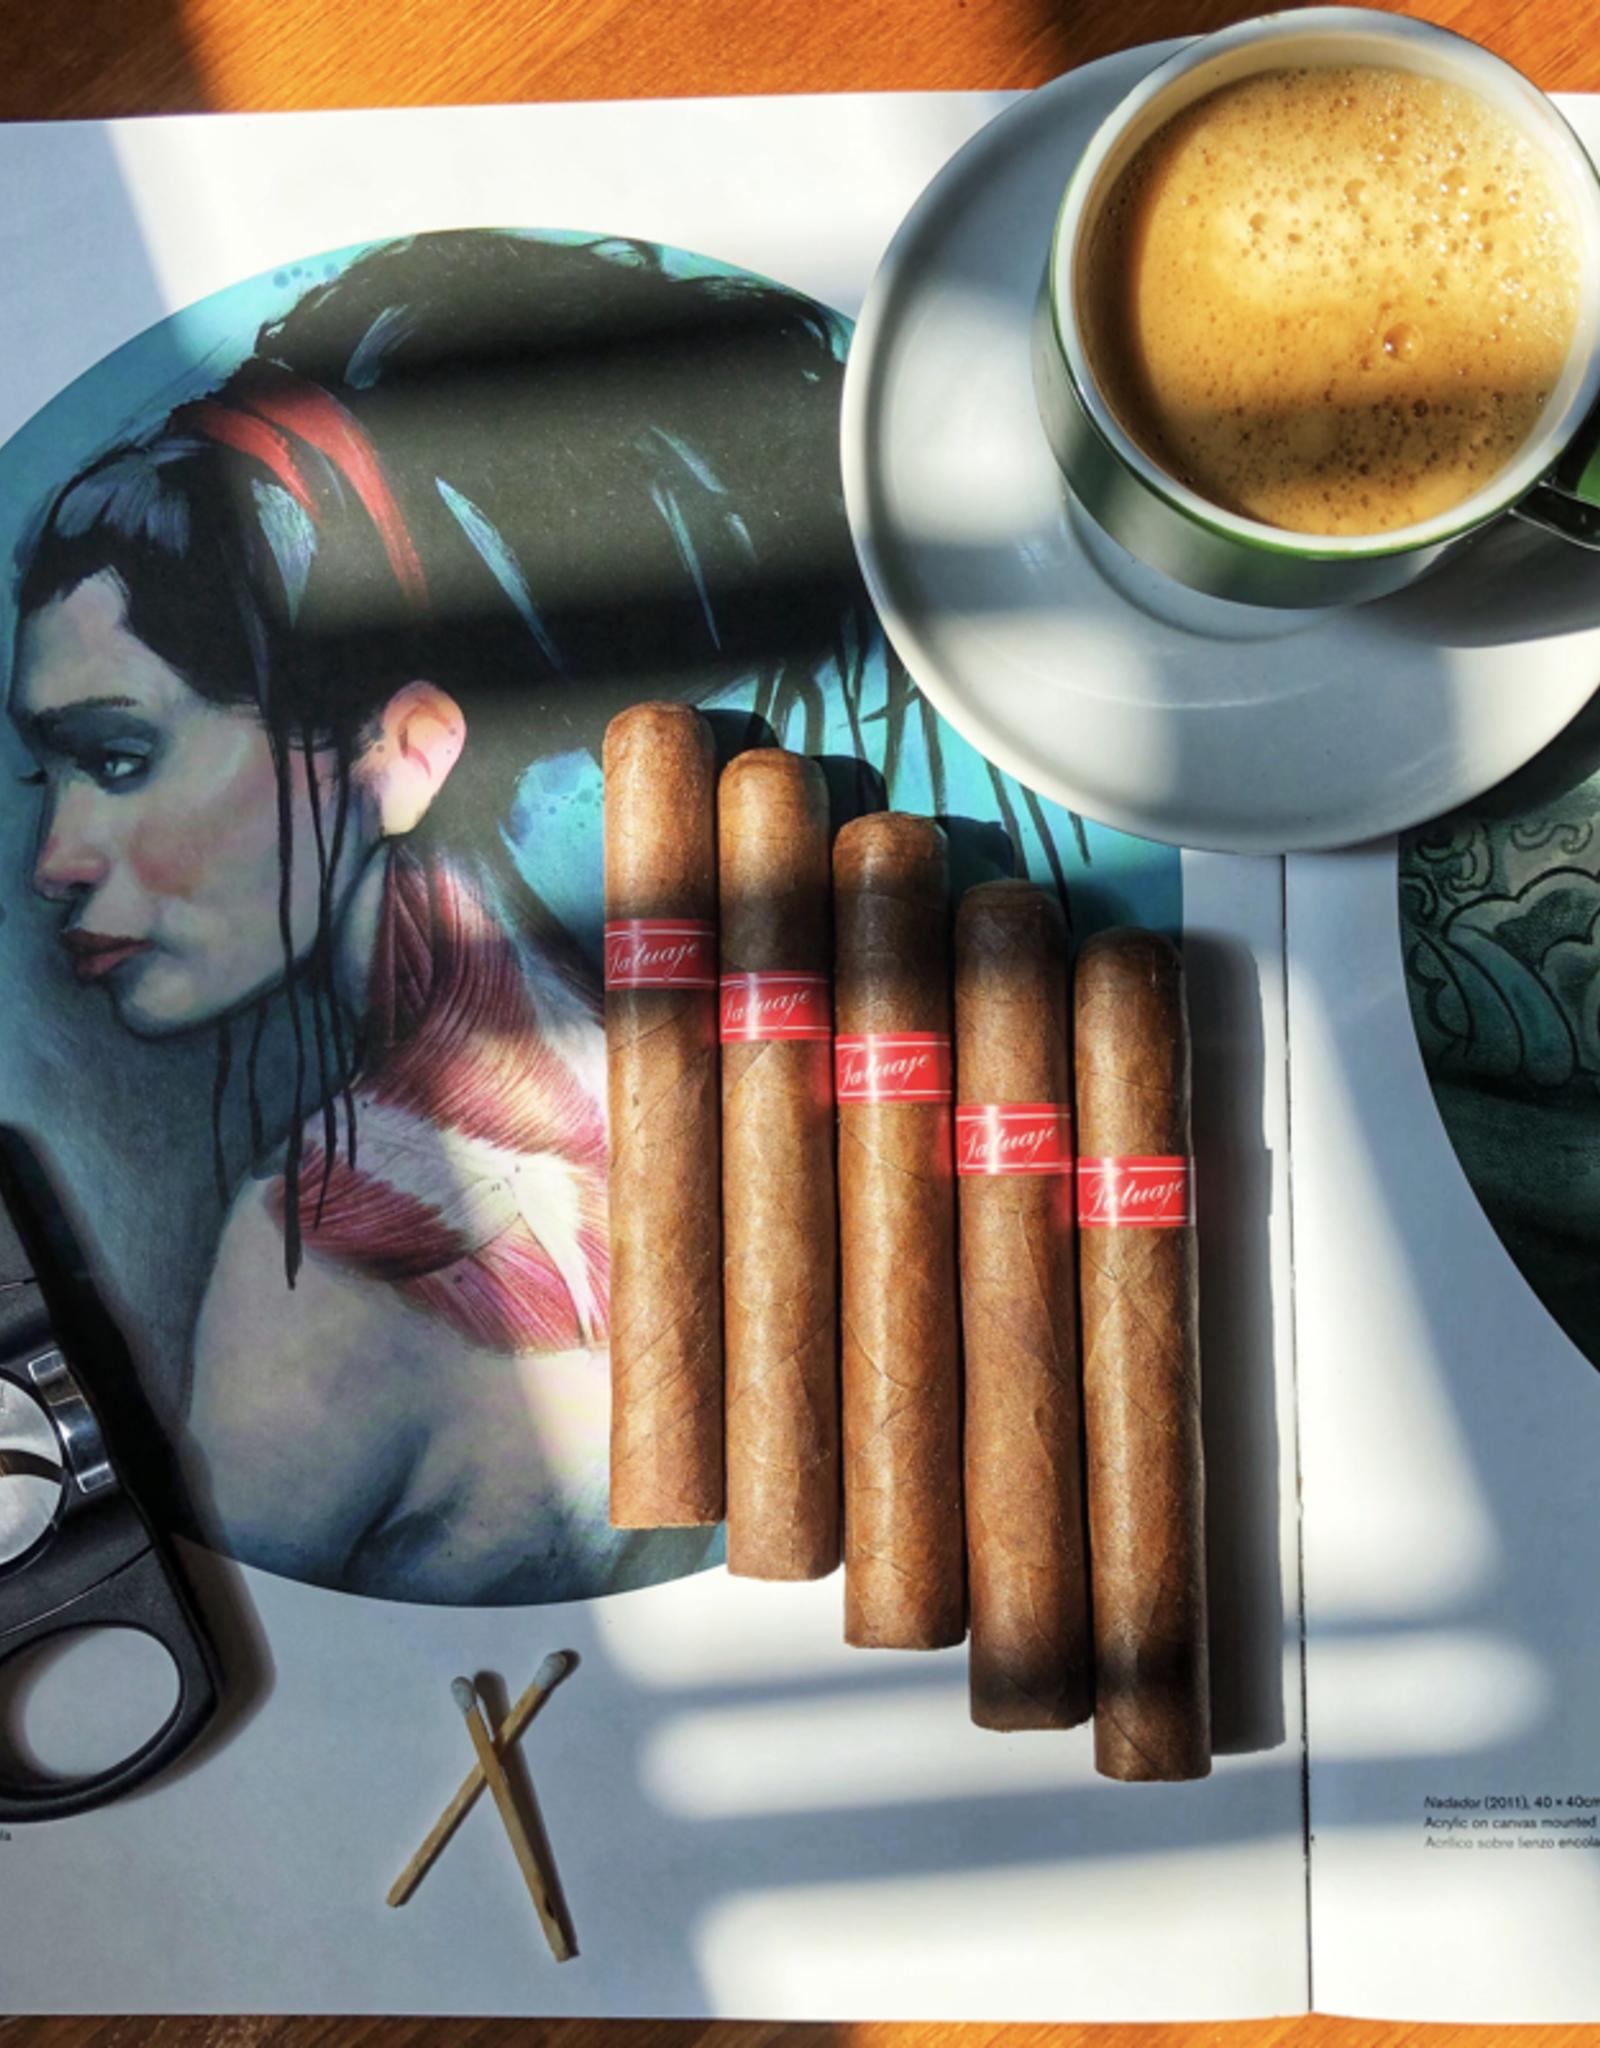 Tatuaje Tatuaje Havana VI Angeles 4.625 x 42